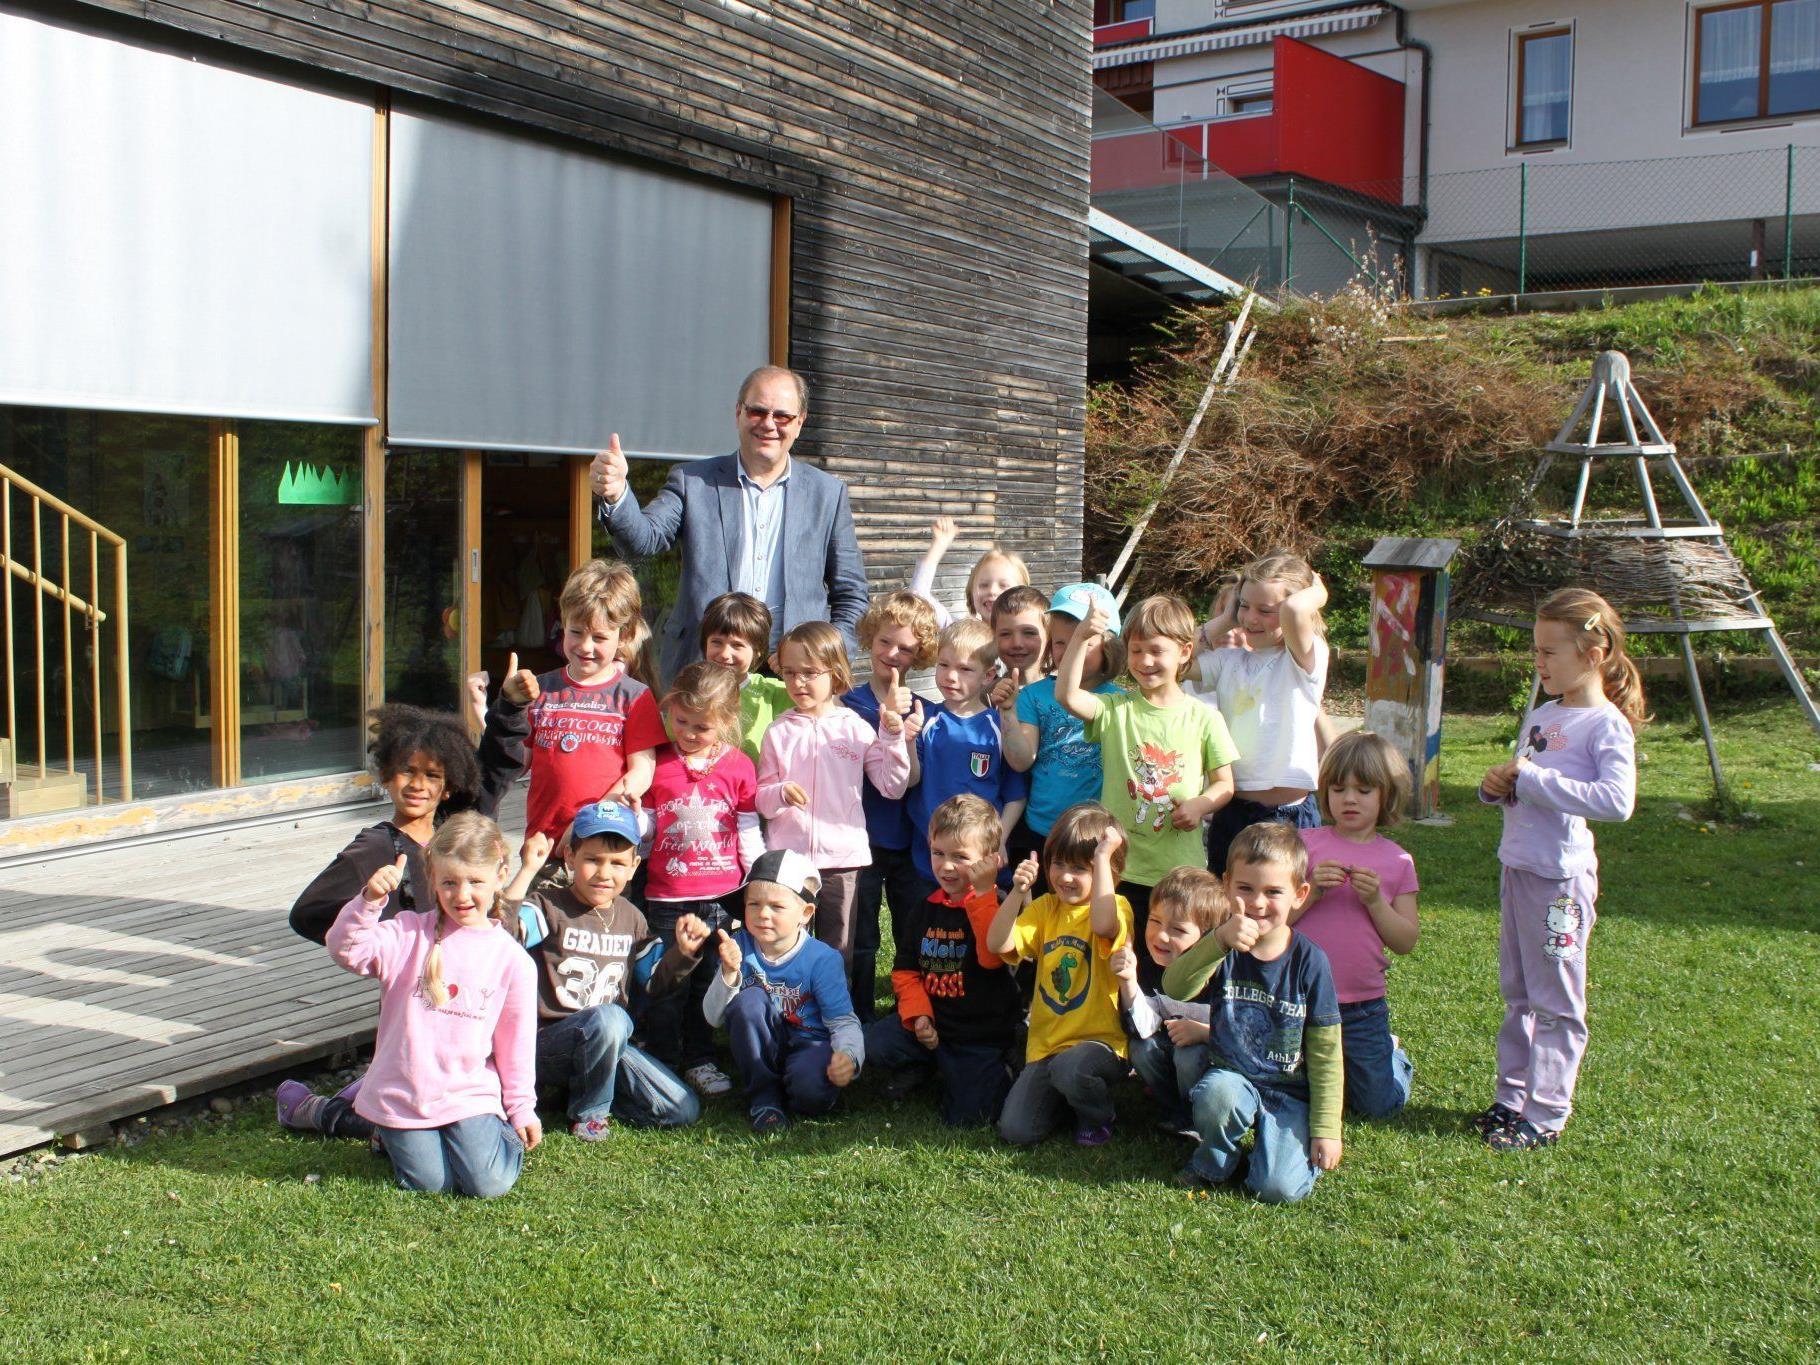 Die Kinder freuen sich mit Bürgermeister Reinhard Nachbaur über die beschlossene räumliche Erweiterung, um künftig auch alle interessierten Dreijährigen aufnehmen zu können.